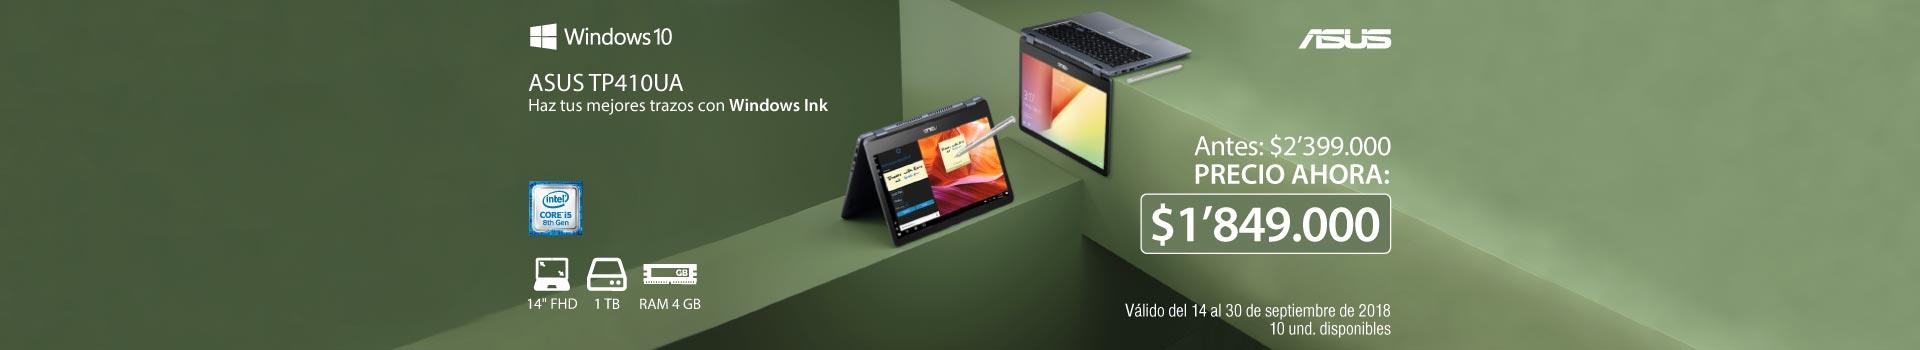 AK-KT-BCAT-2-computadores y tablets-PP-EXP-Asus / Windows Ink-2en1 TP410UA-Sep19